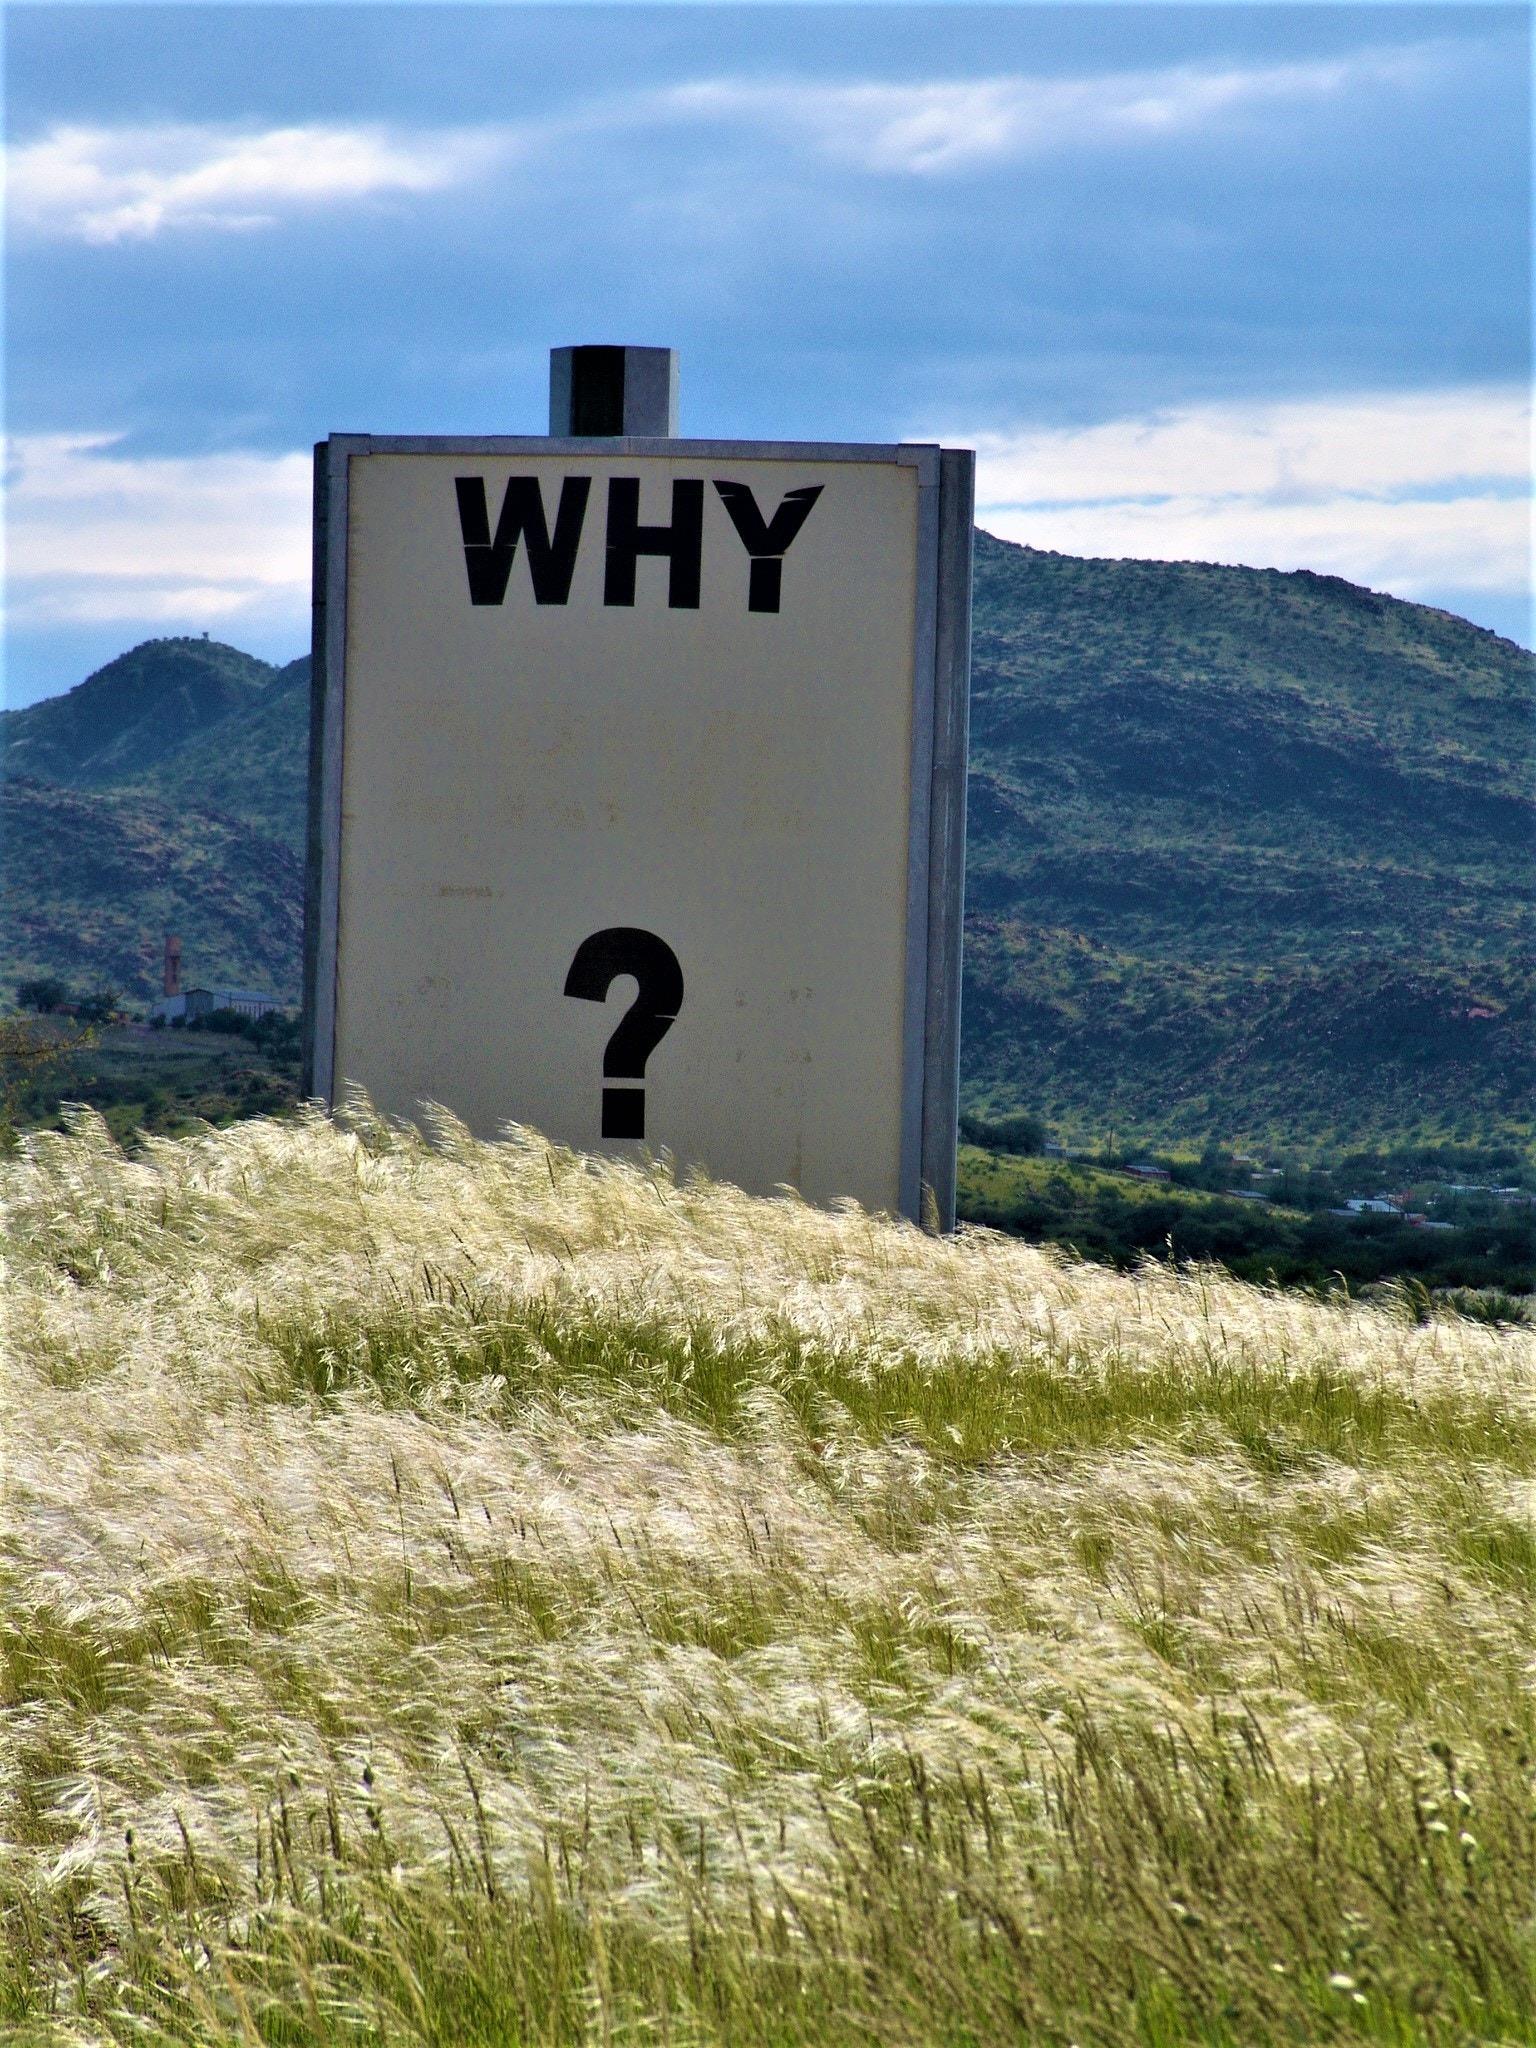 چرا بیمه بخریم؟ | فلسفه و علت خرید بیمه چیست؟